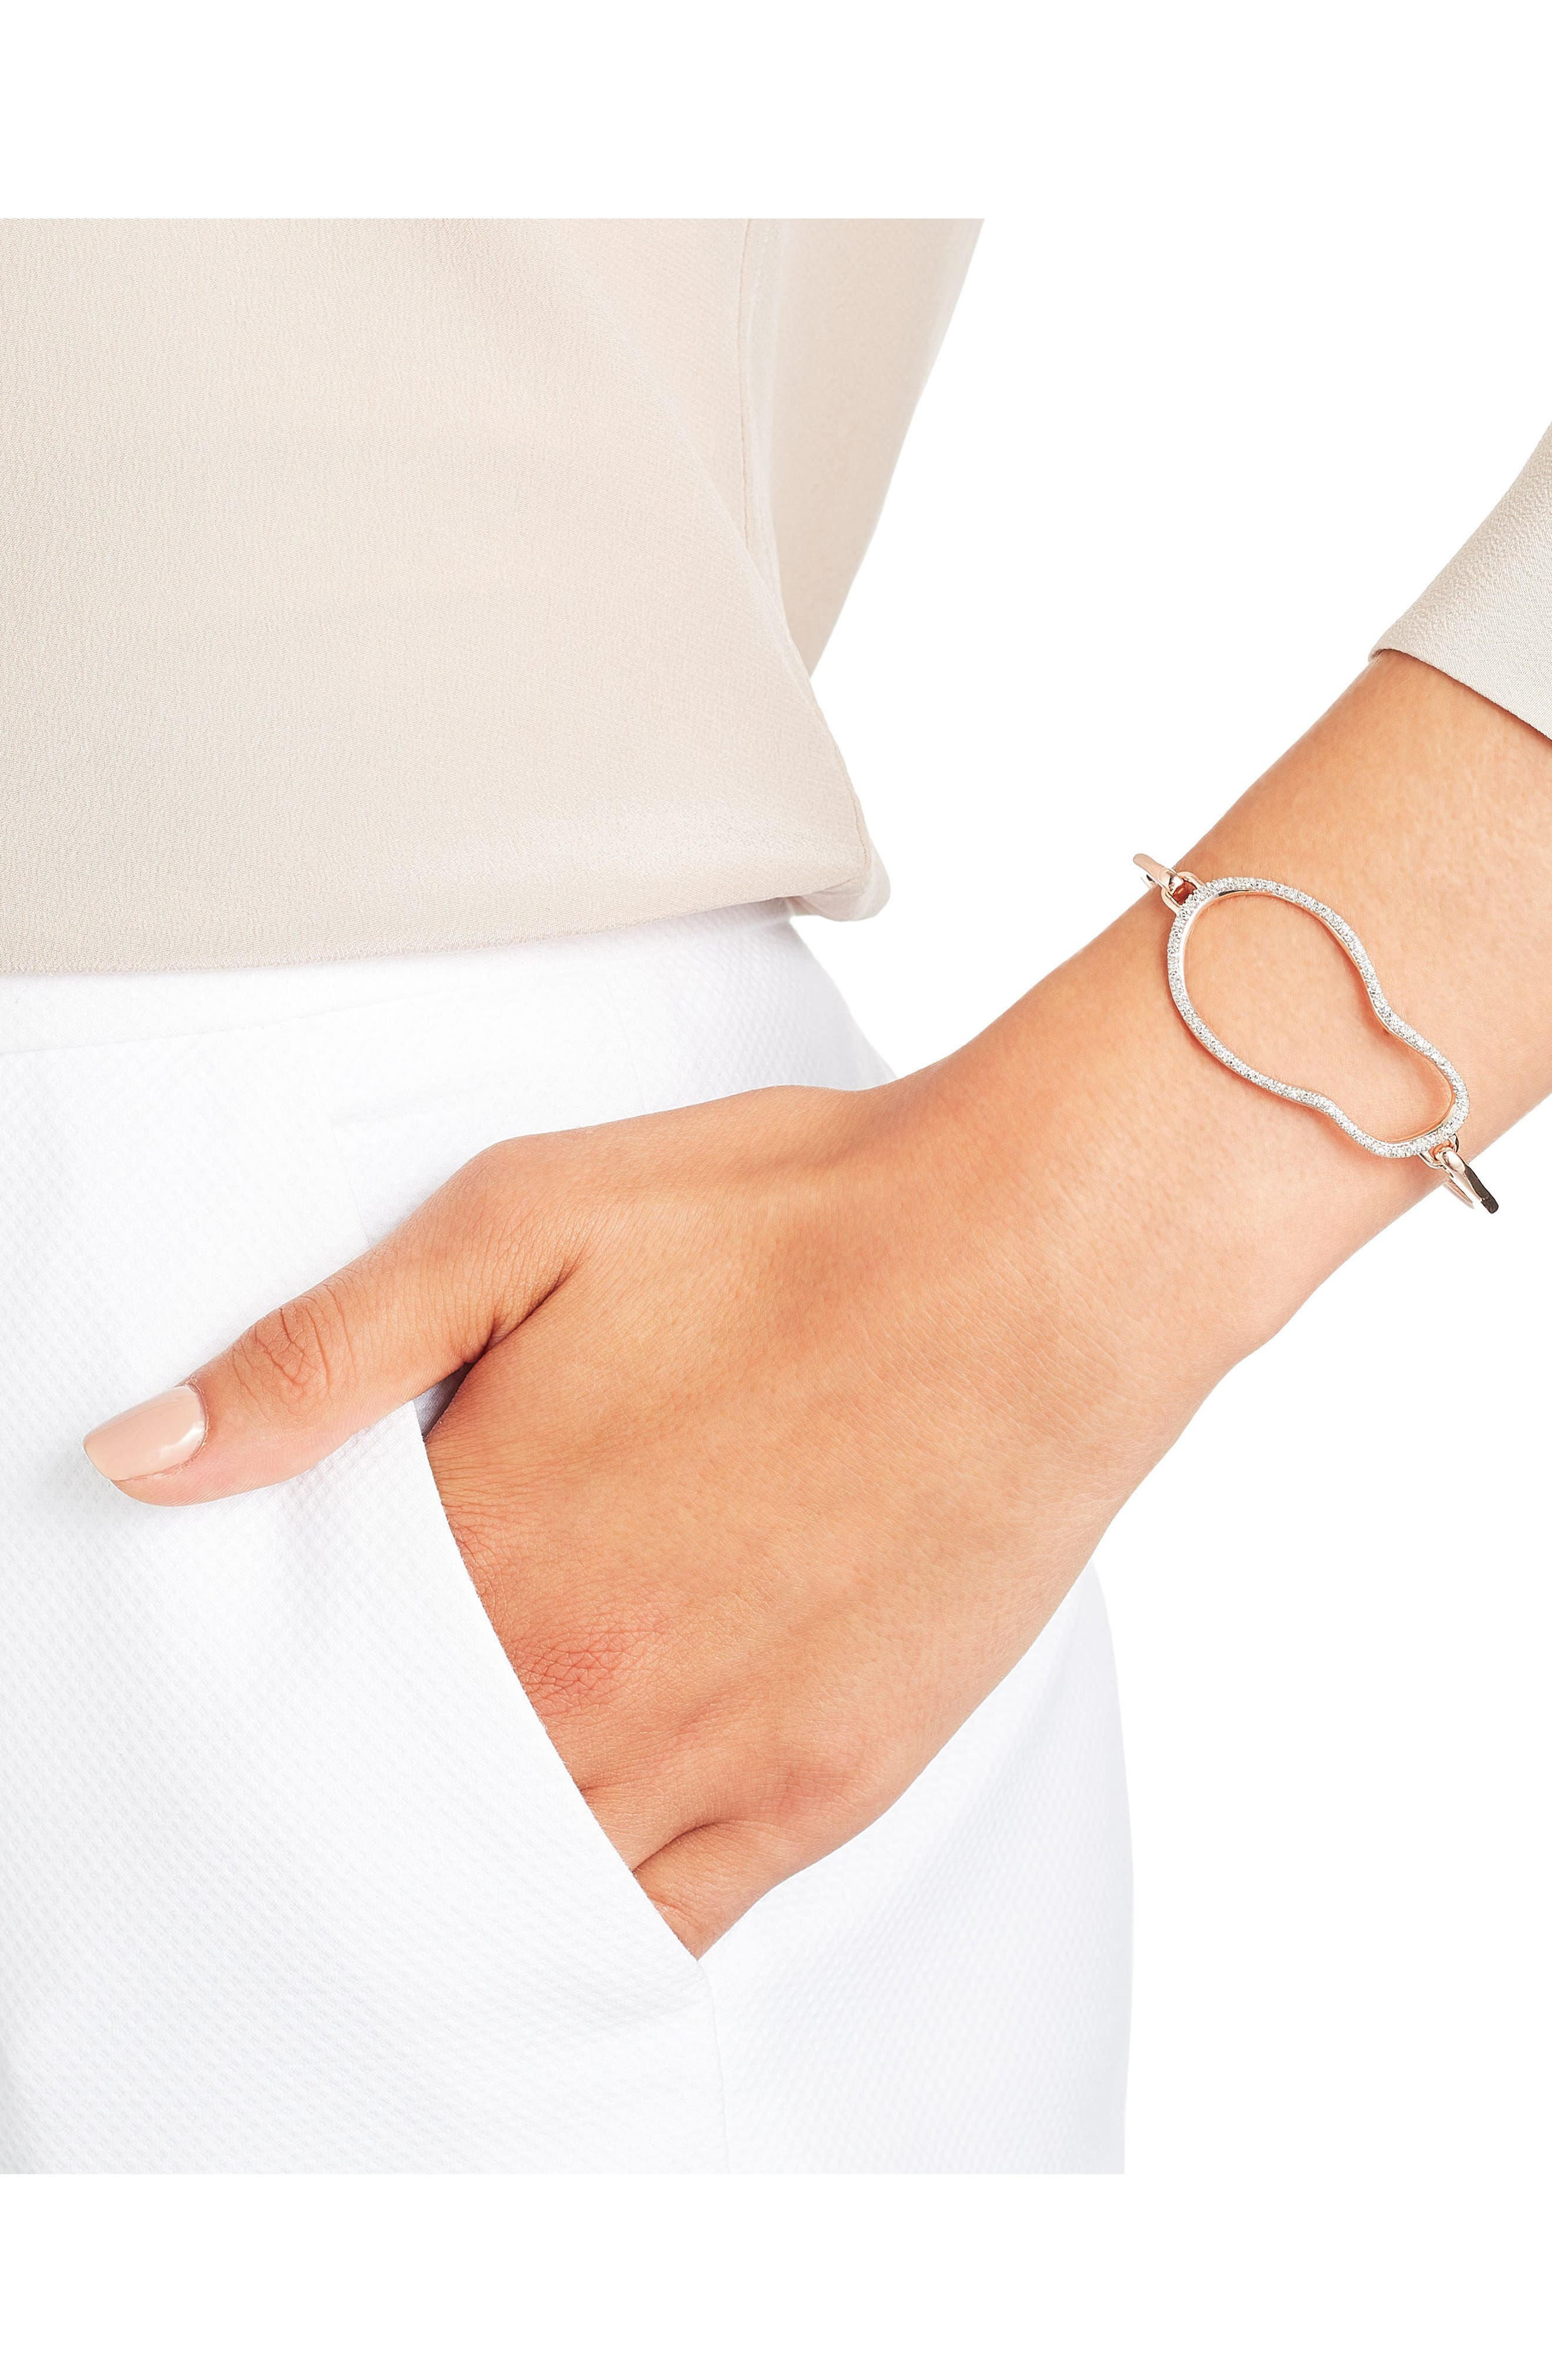 Riva Diamond Bracelet,                             Alternate thumbnail 2, color,                             ROSE GOLD/ DIAMOND